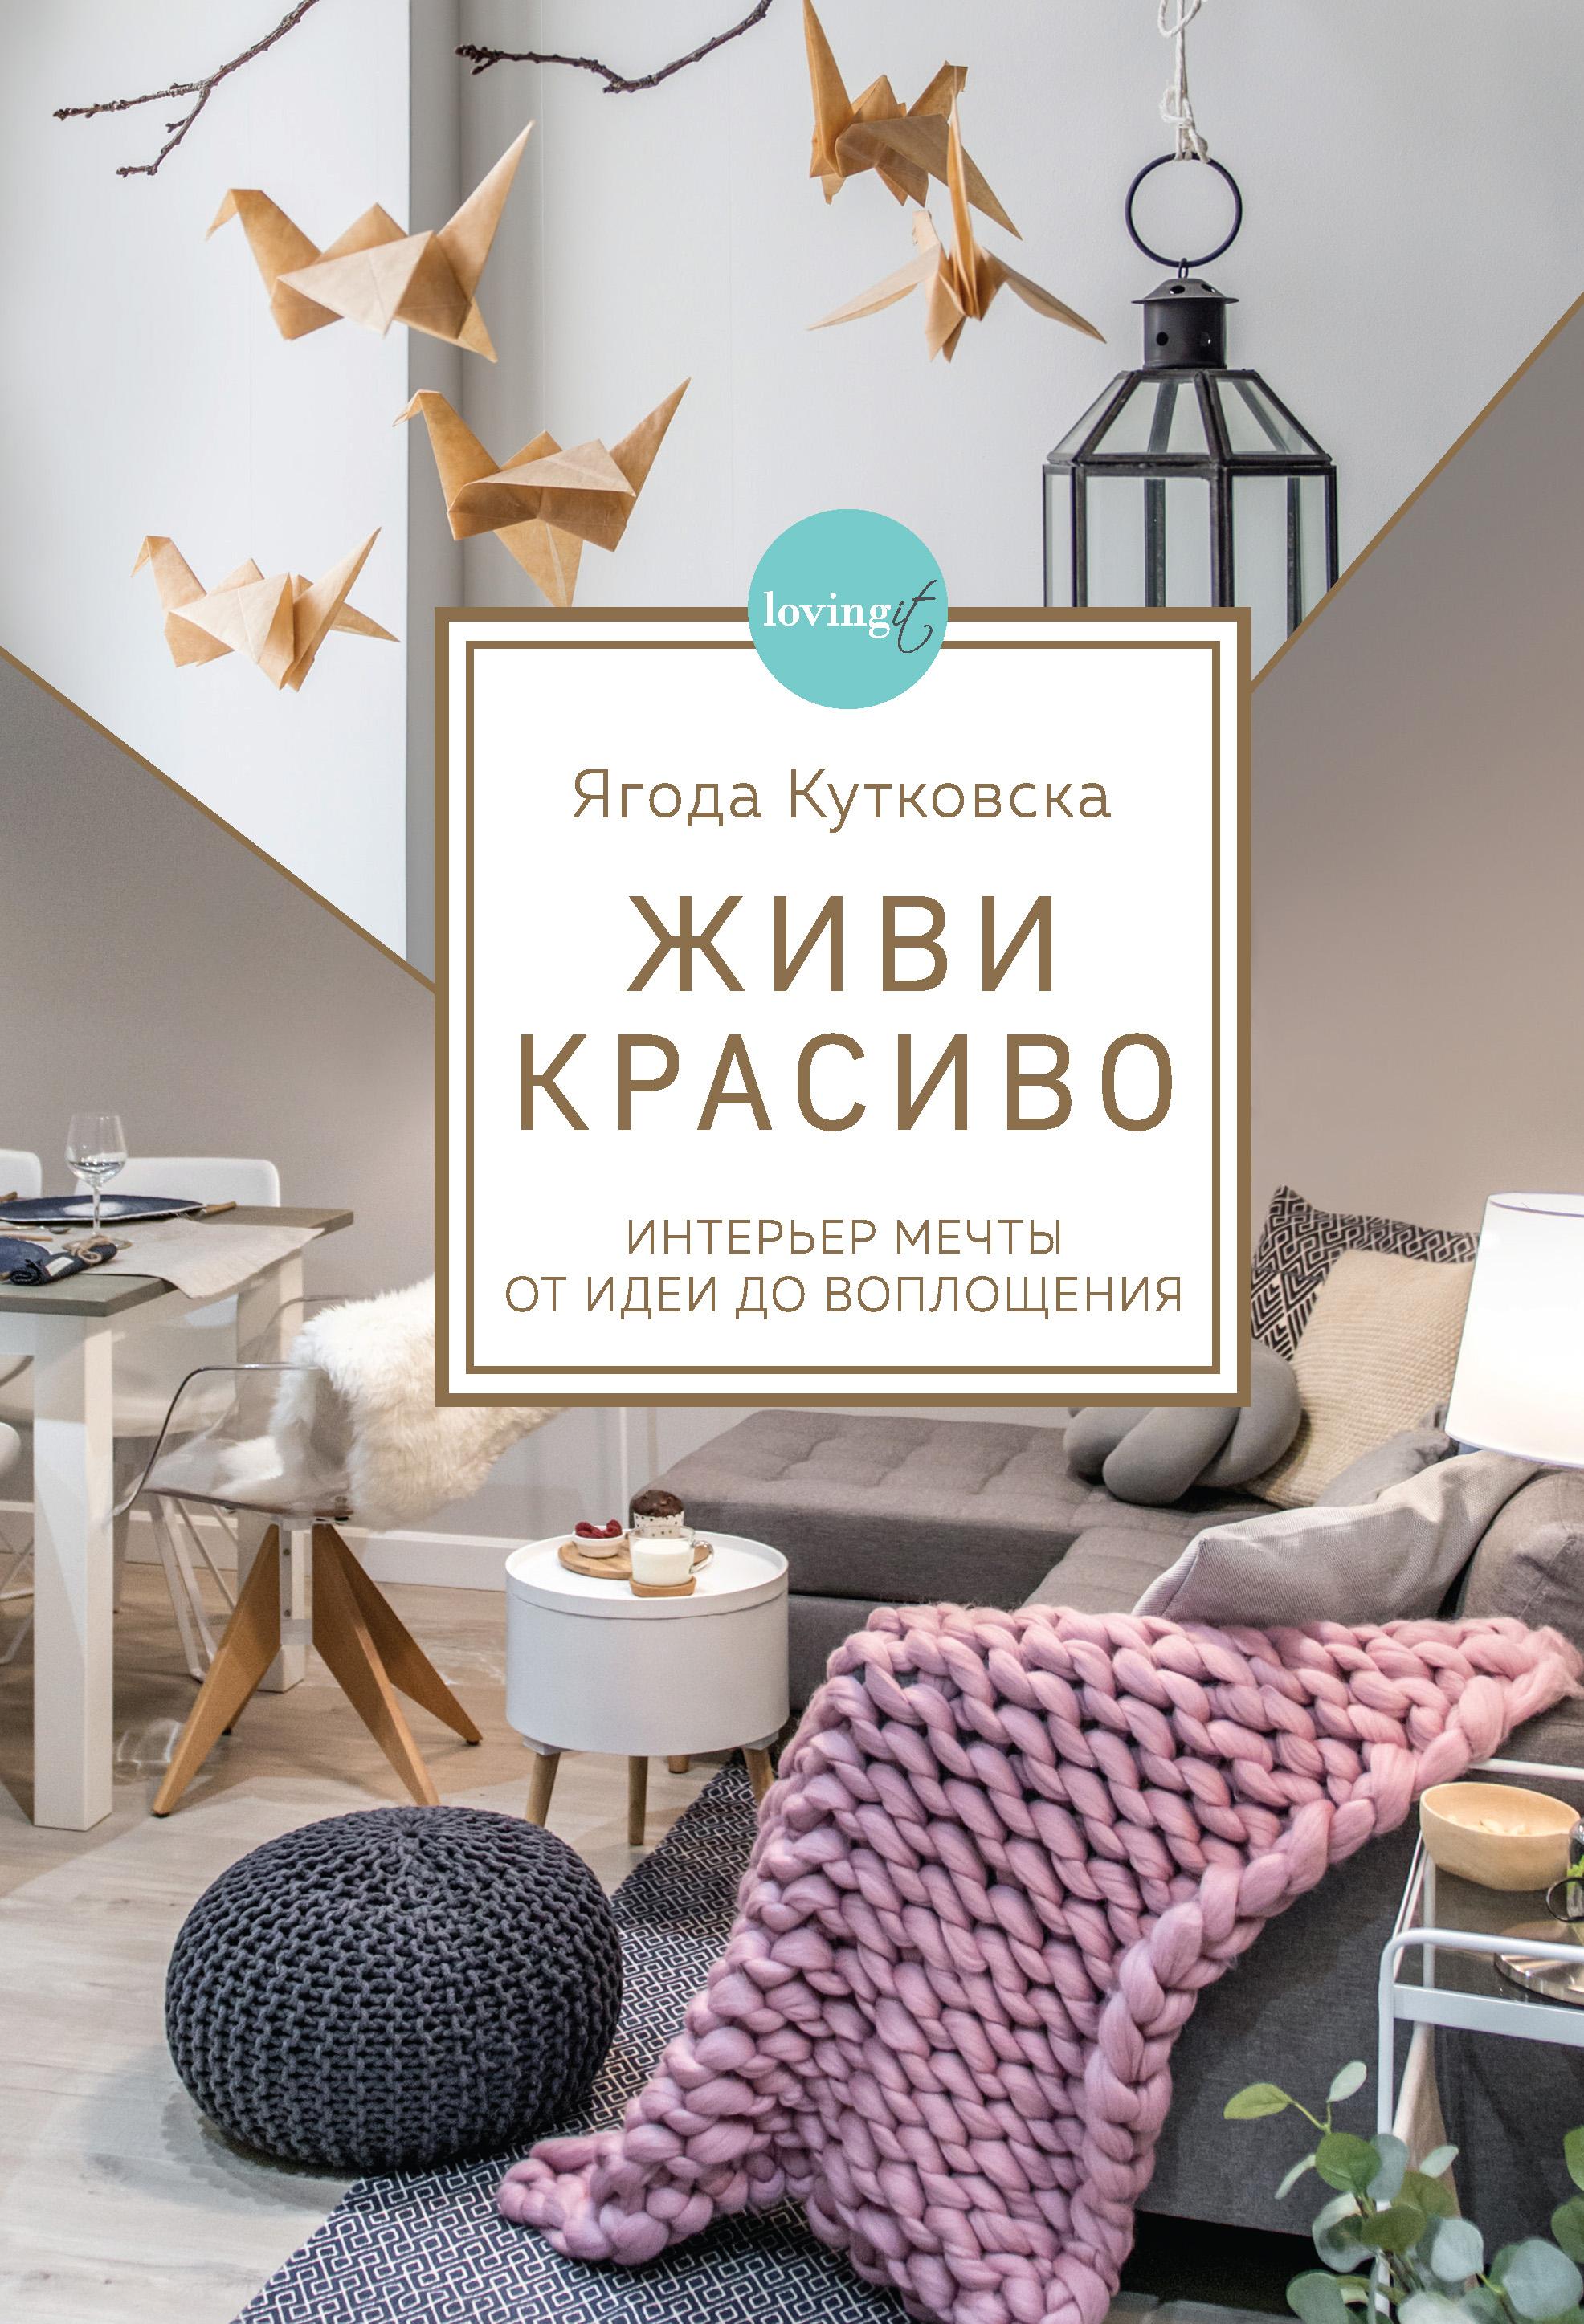 Купить книгу Живи красиво. Интерьер мечты от идеи до воплощения, автора Ягоды Кутковска